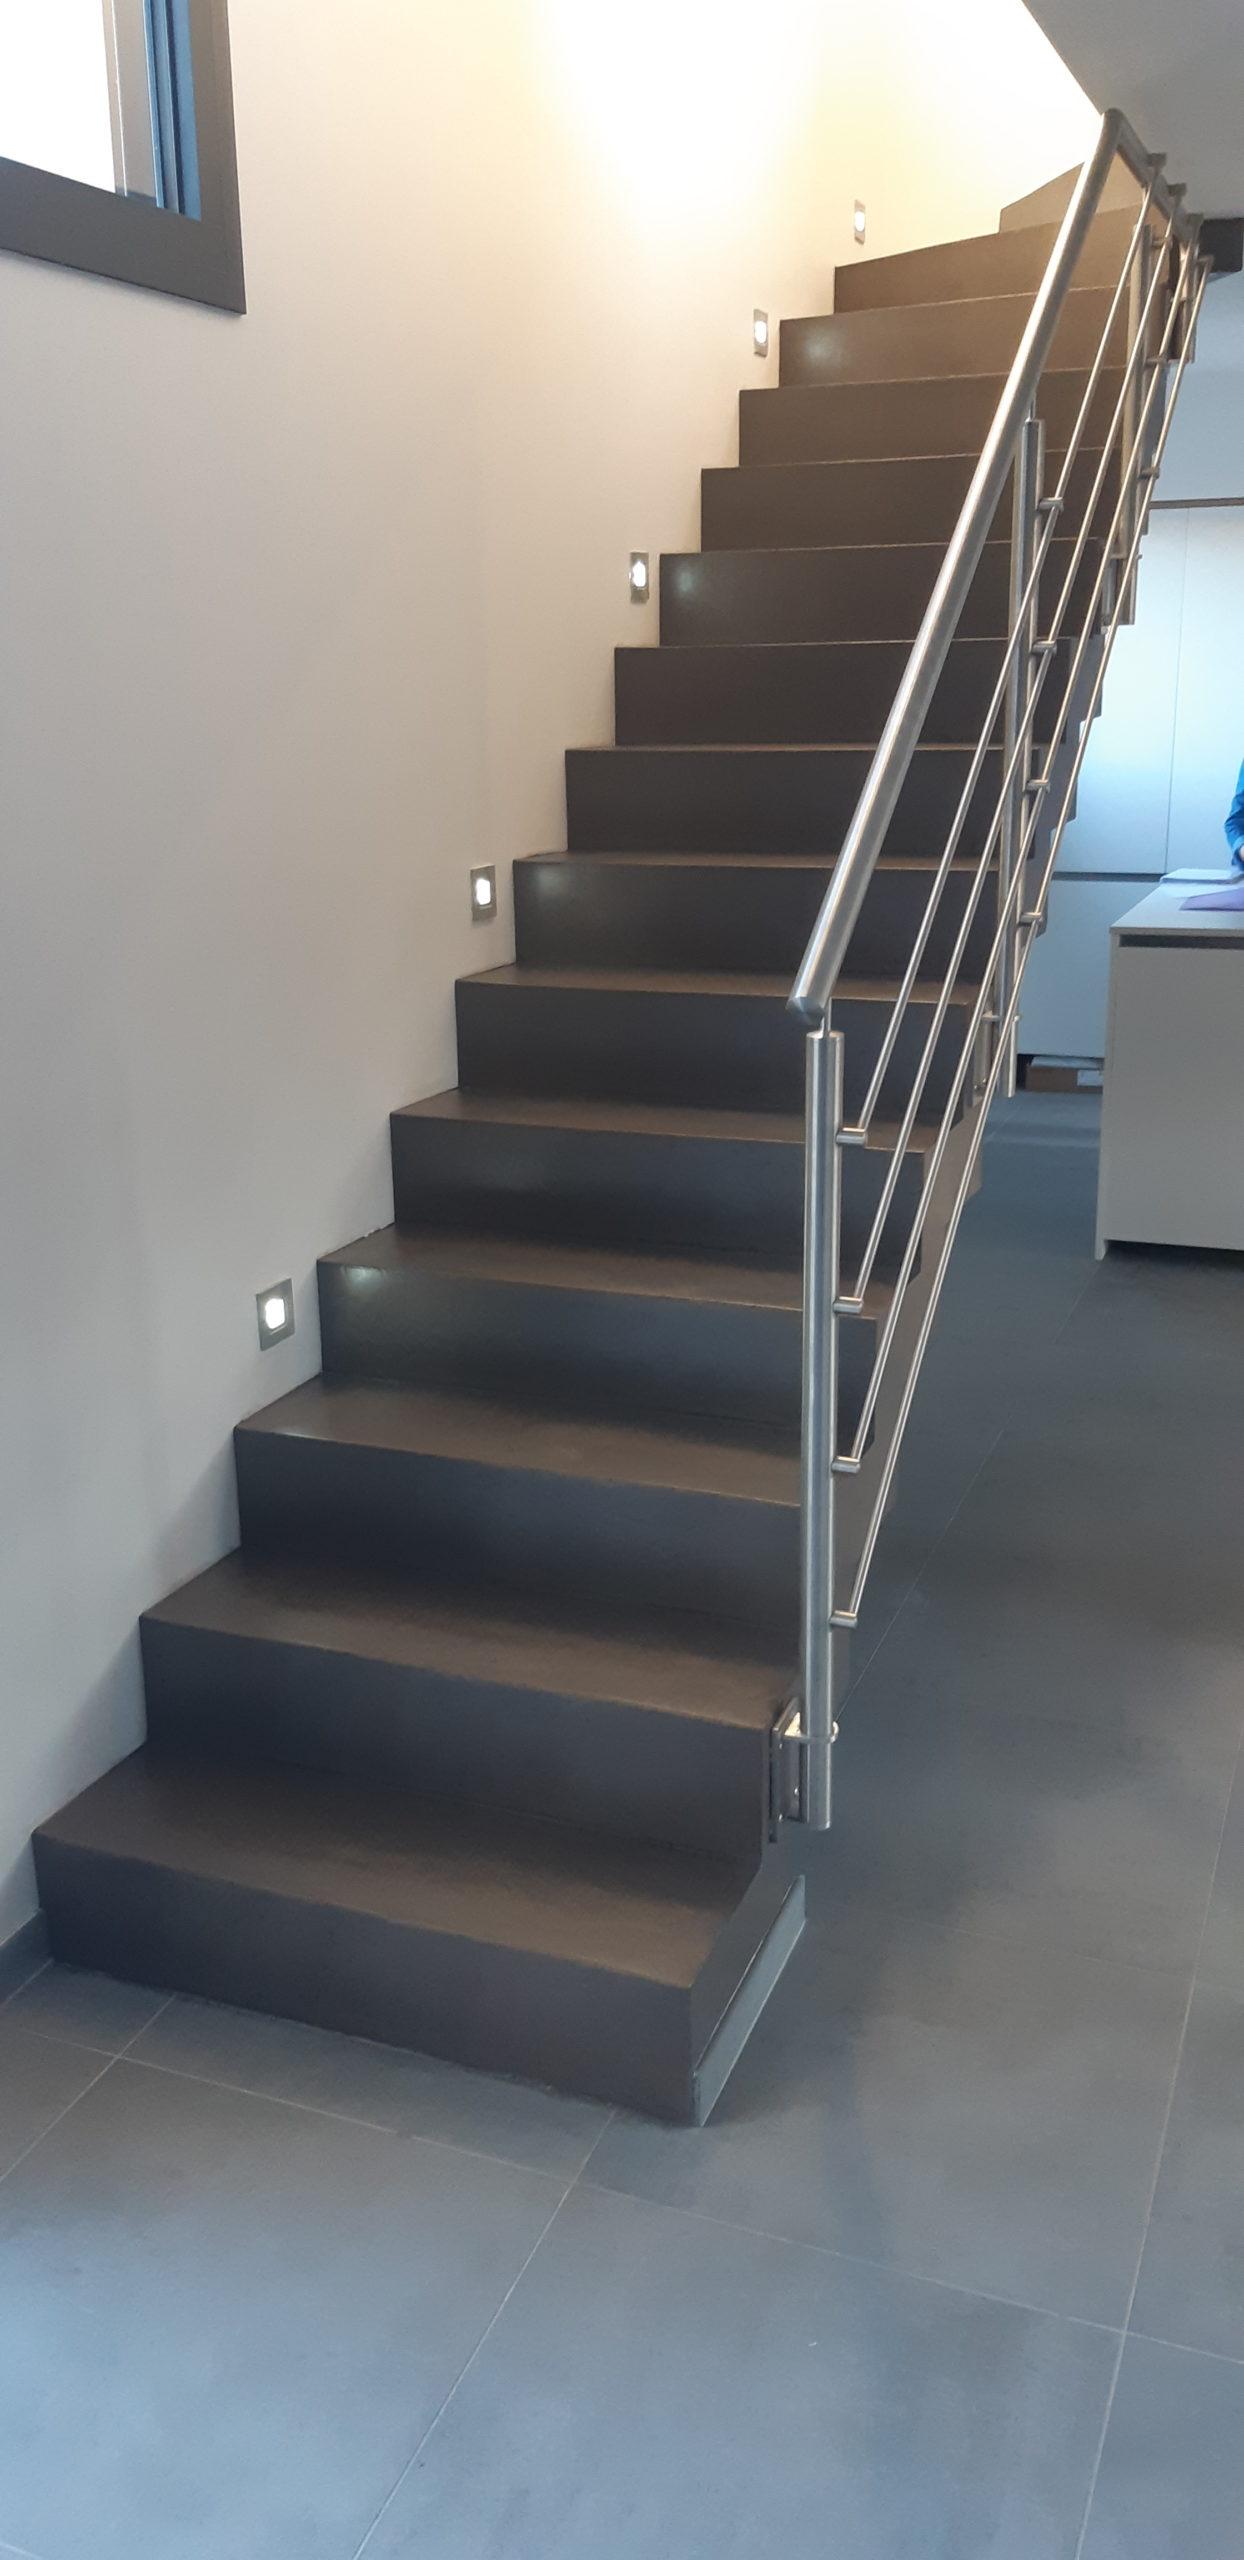 Décoration d'un escalier avec lampes incrustées